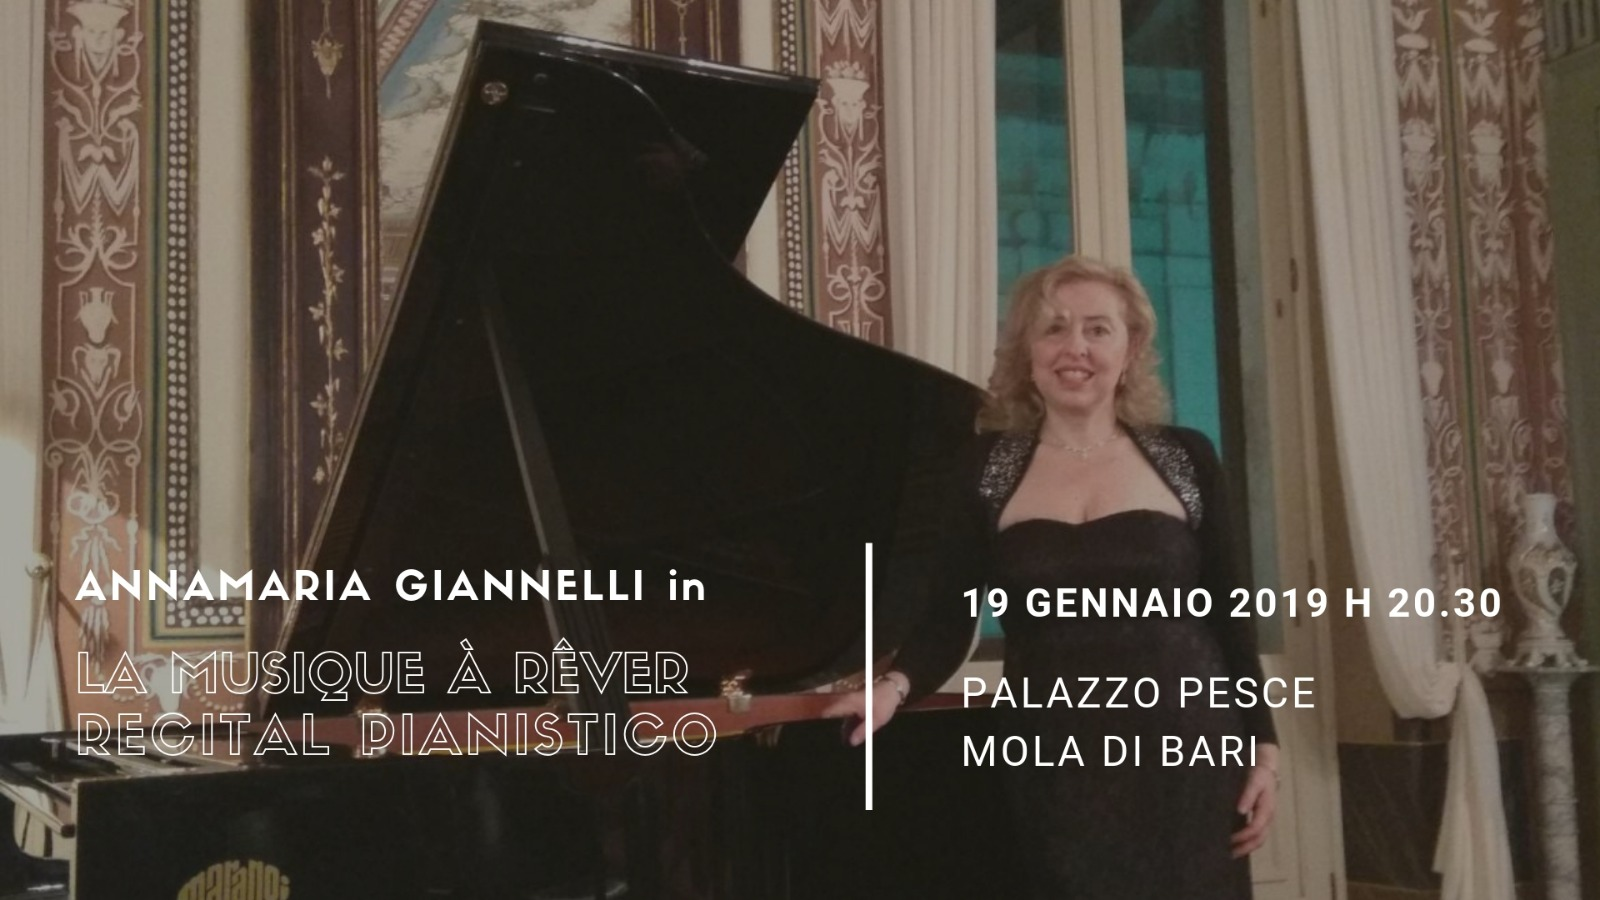 19 gennaio 2019 La musique a rever con Annamaria Giannelli a Palazzo Pesce